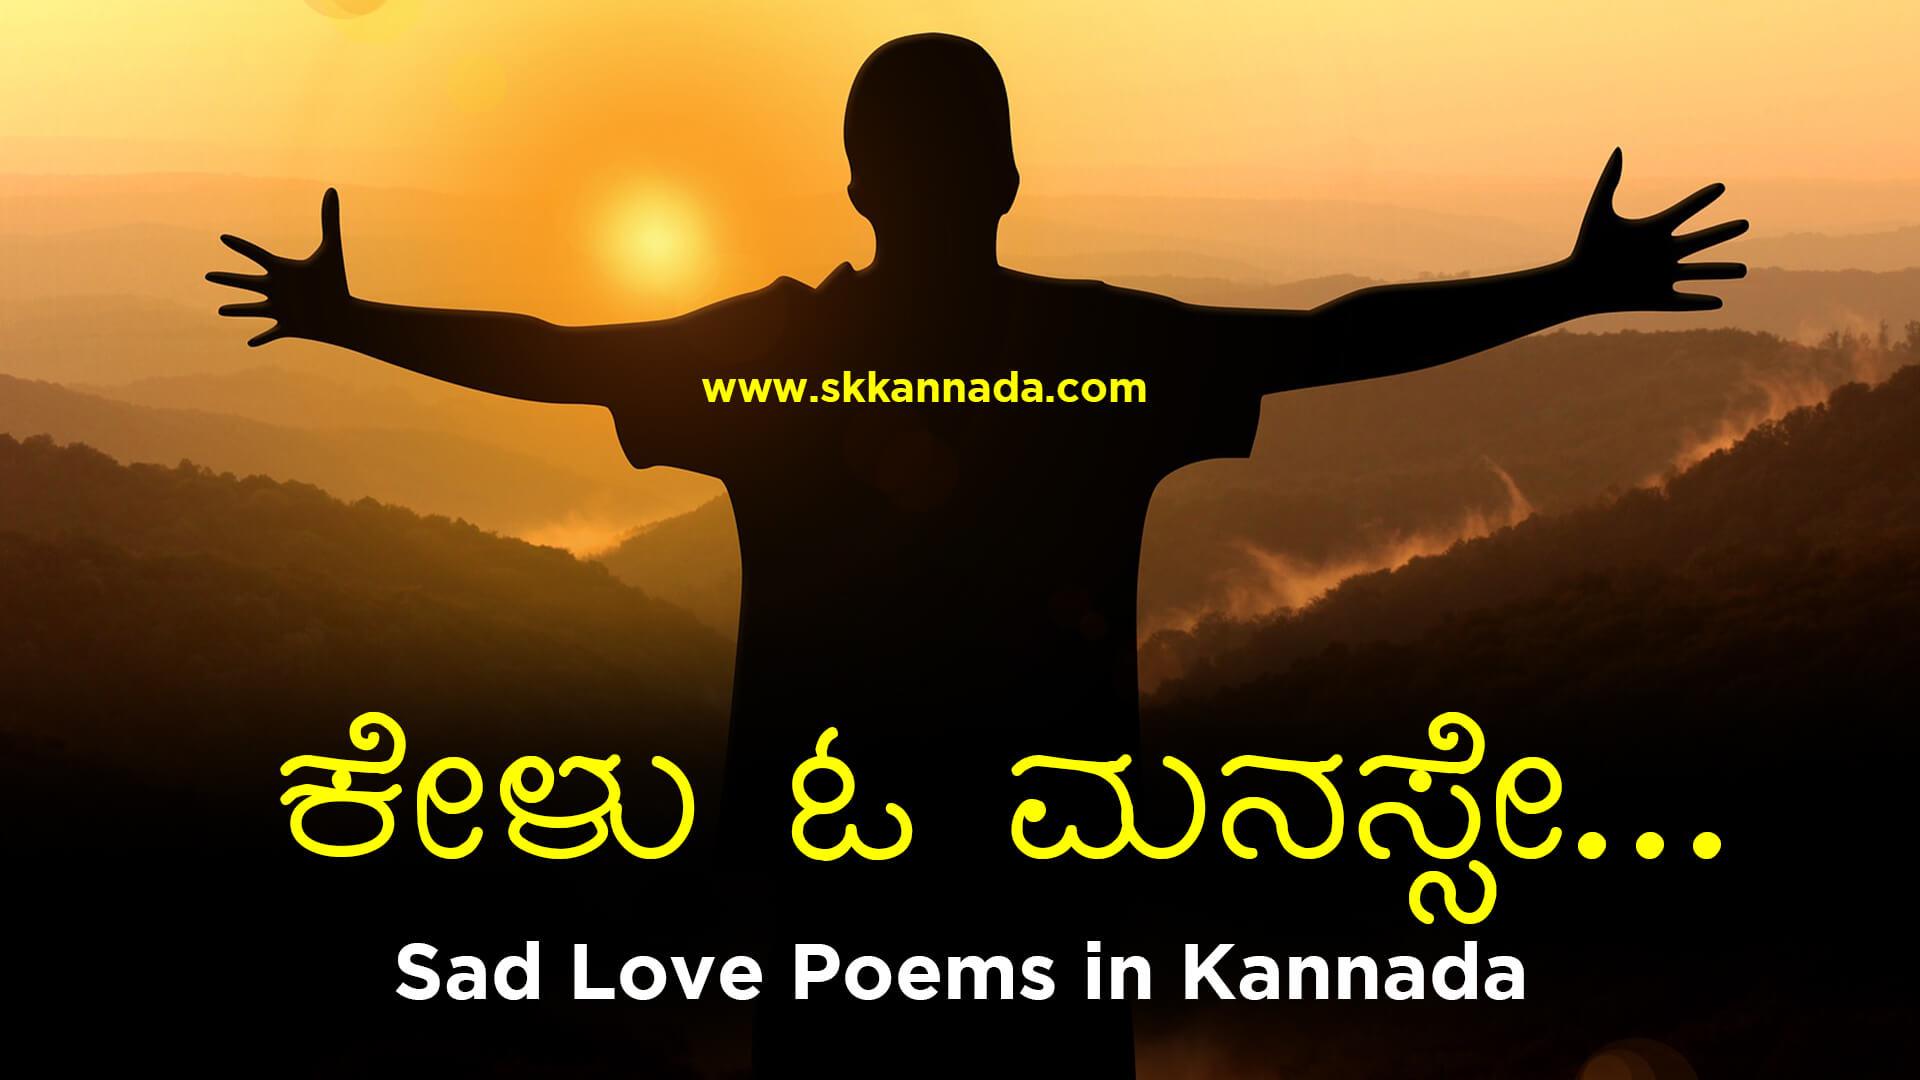 ಕೇಳು ಓ ಮನಸ್ಸೇ...  Kannada Sad Kavana - Kelu o Manase Poetry in Kannada